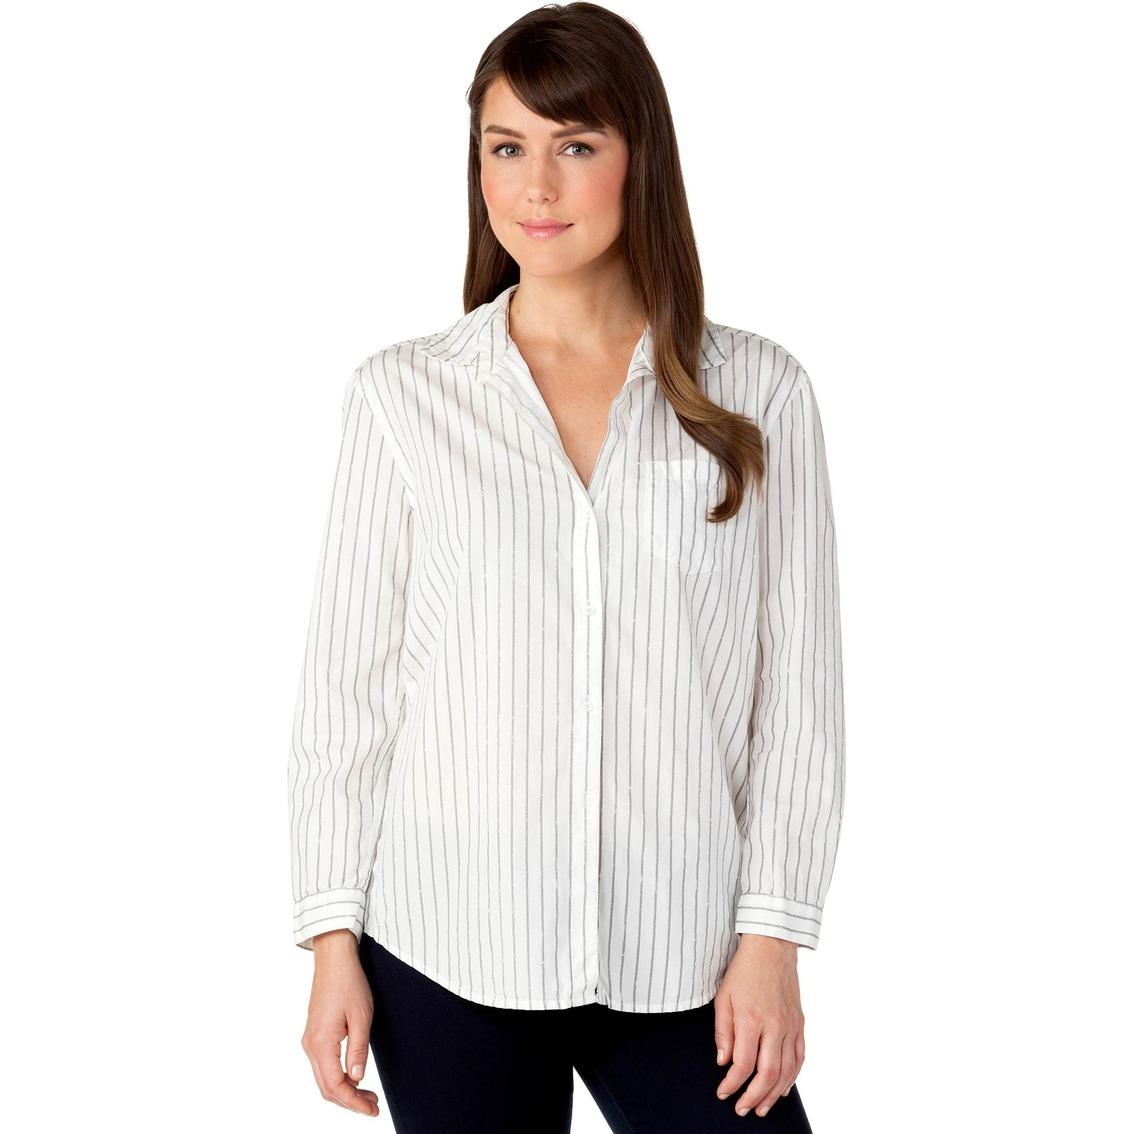 d2e7a63973 Camisa Calvin Klein Jeans Mujer Talla M